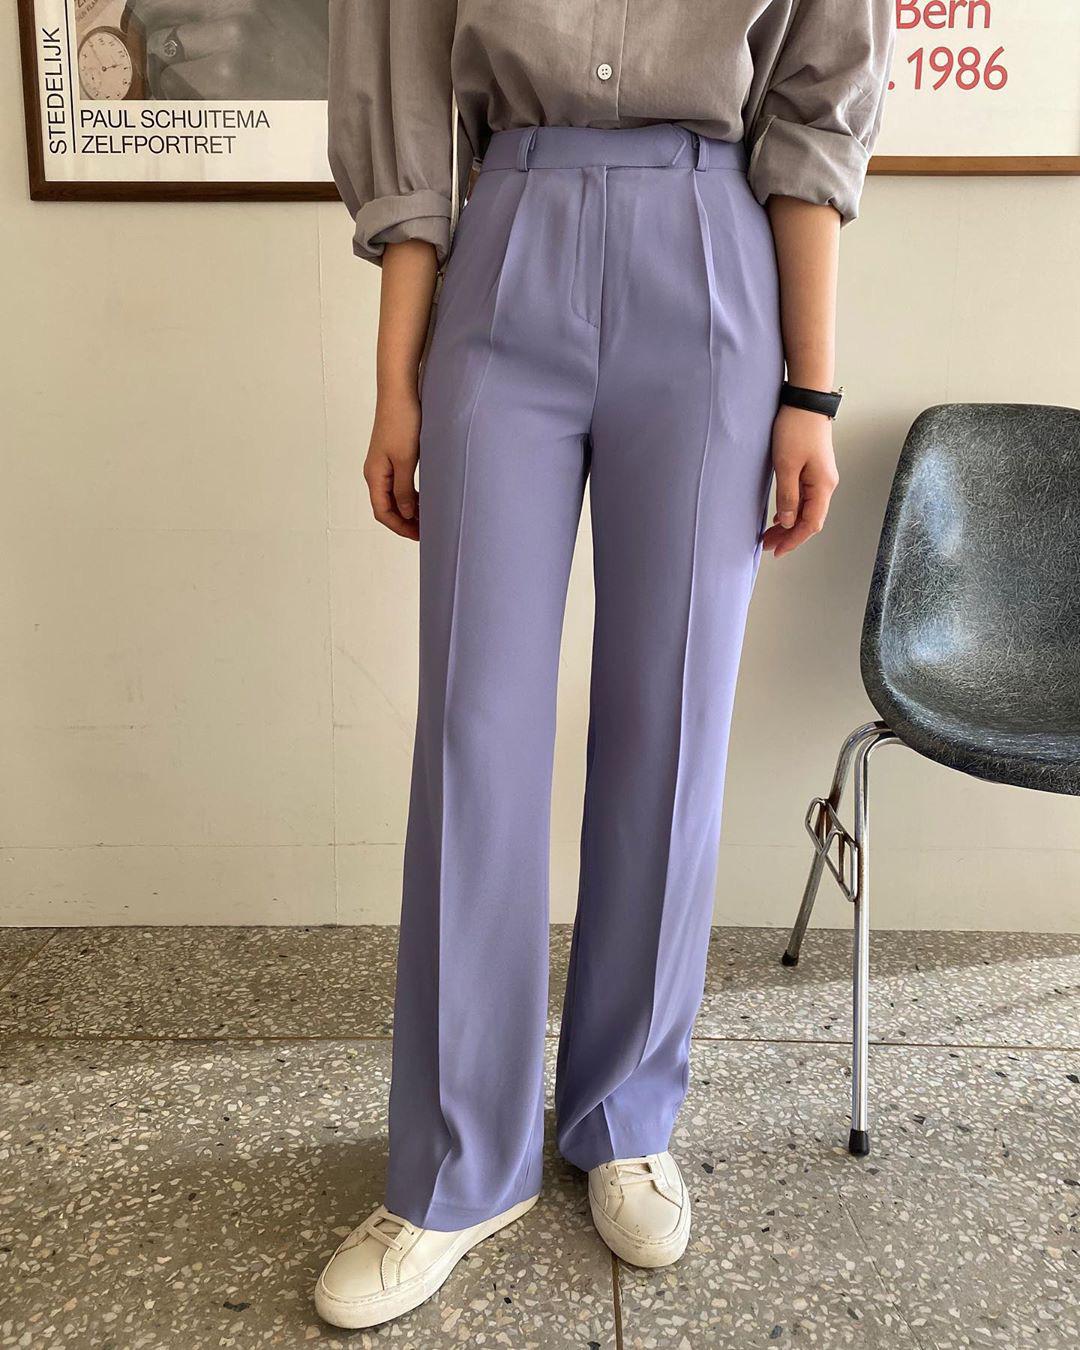 Bỏ qua 4 mẫu quần đang hot rần rần thì không ổn, bởi tất cả sẽ đưa style mùa hè của bạn sang trang mới huy hoàng - Ảnh 4